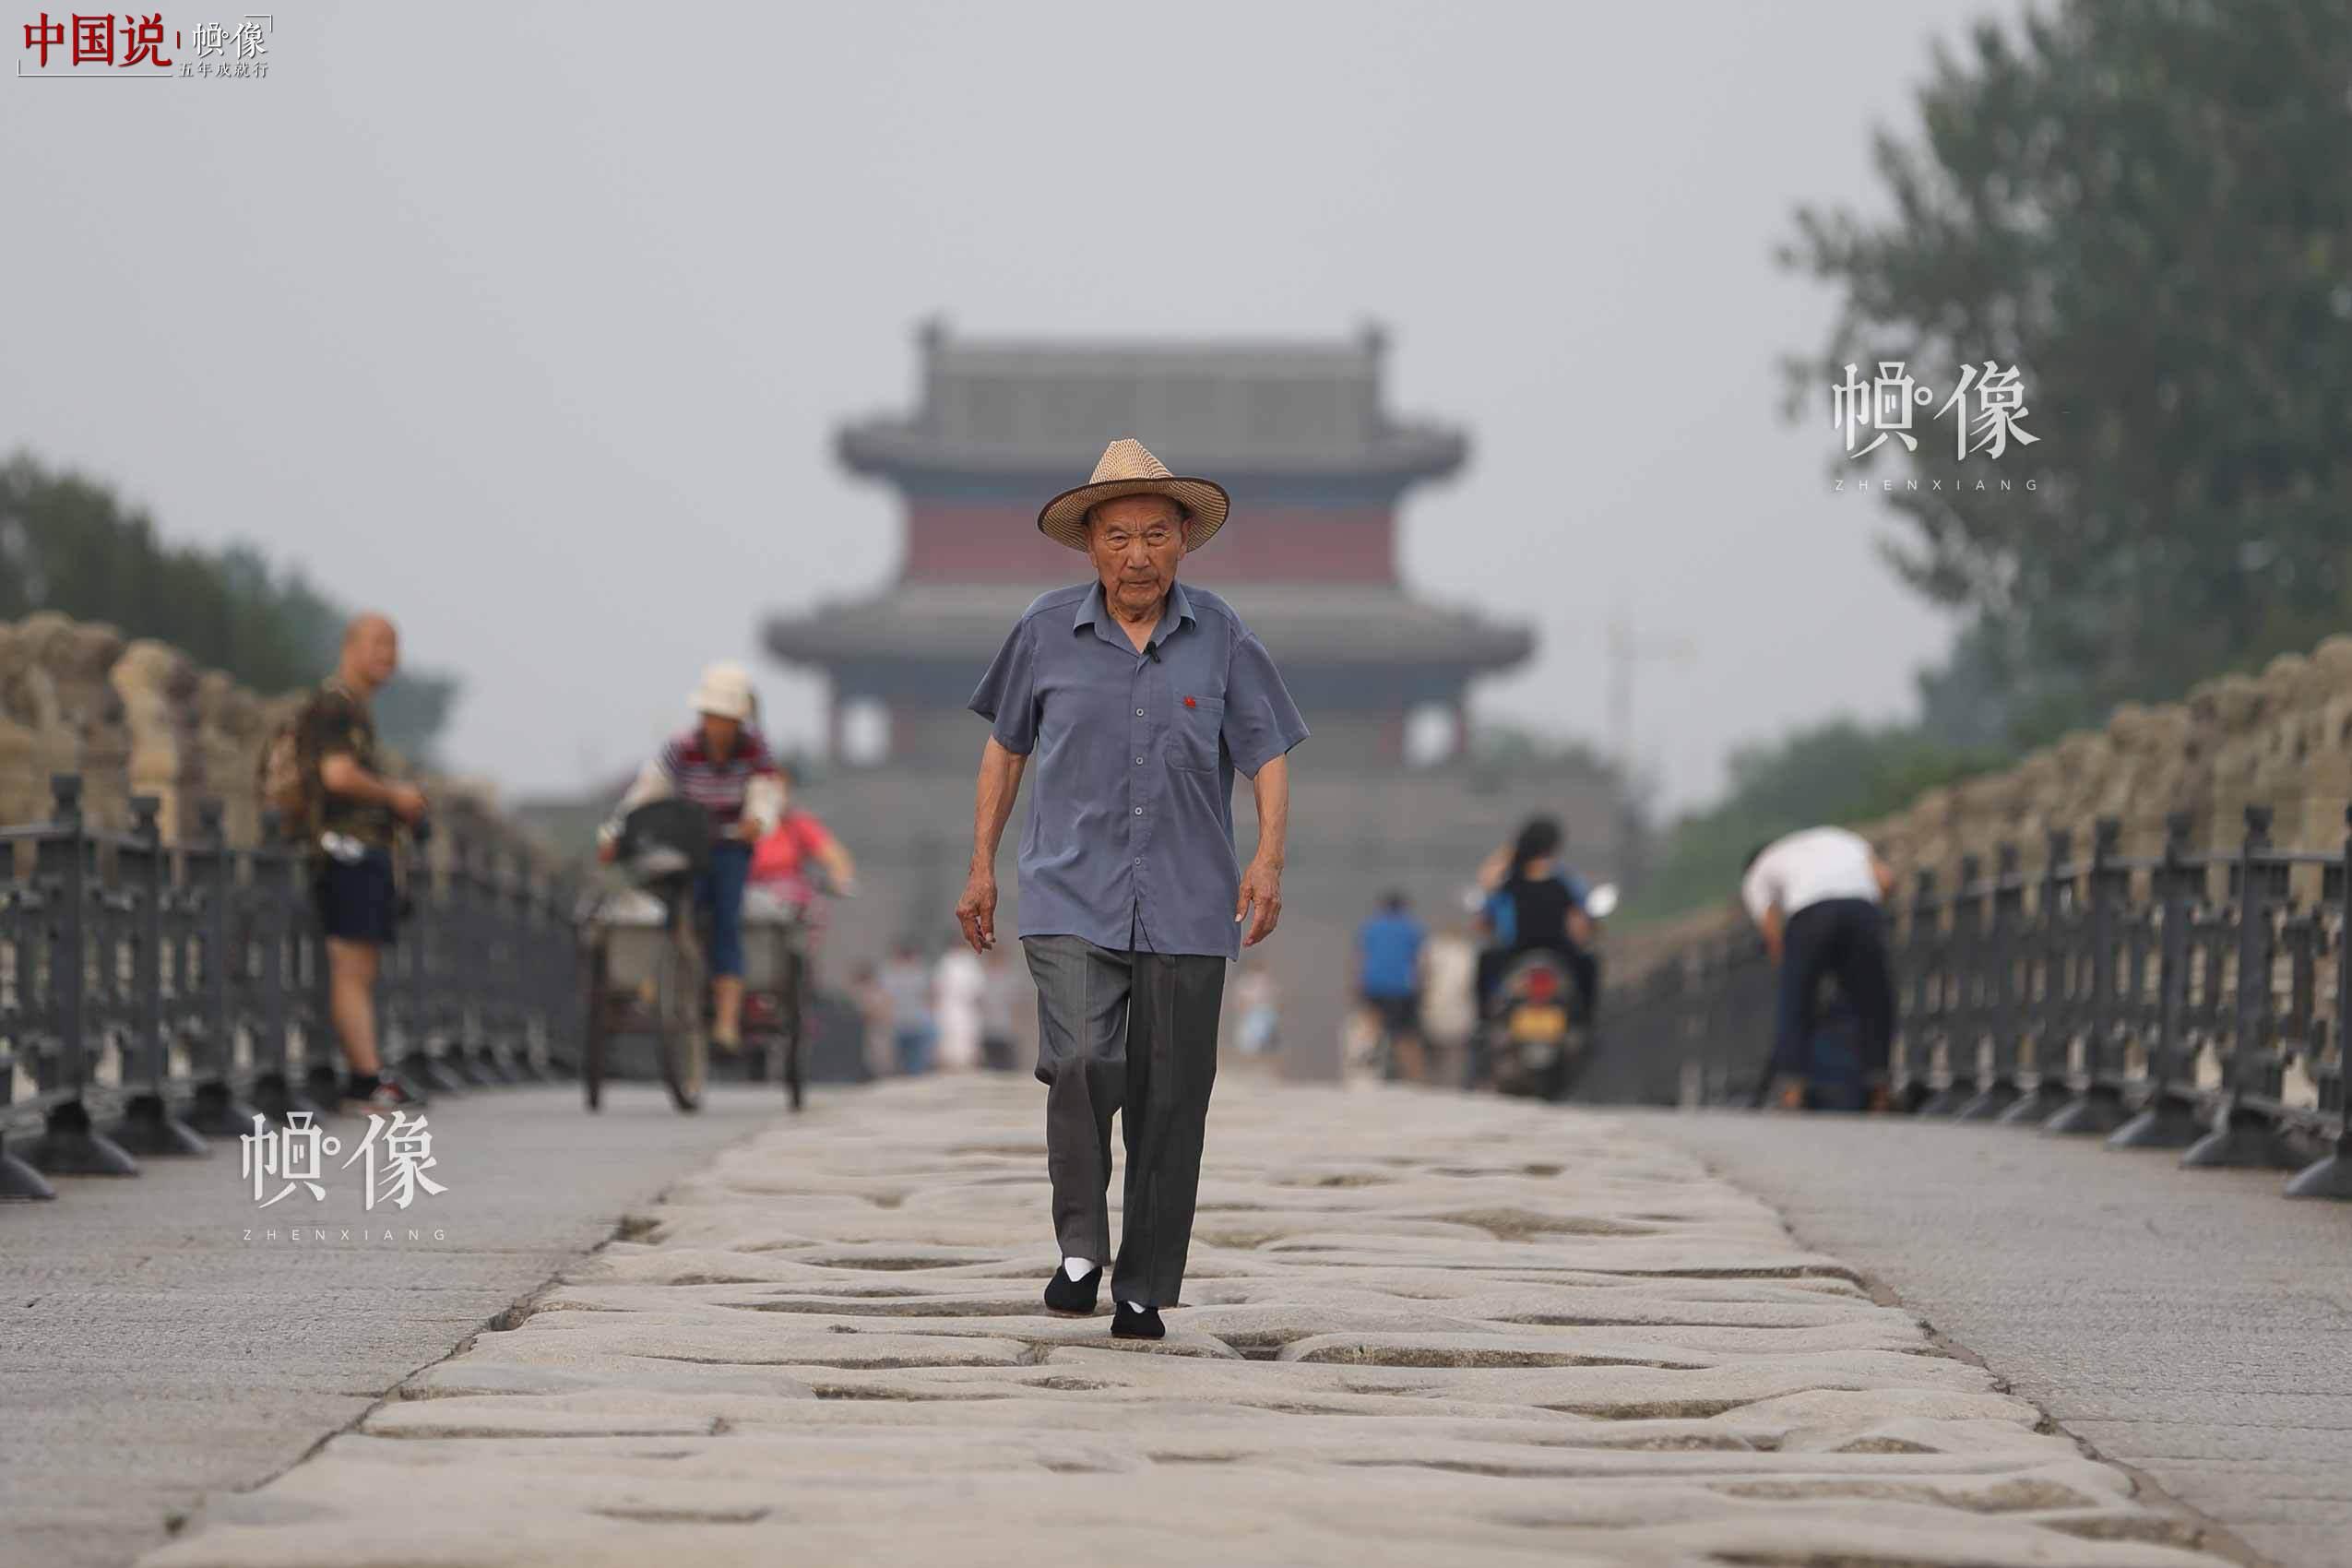 """86岁的郑福来走在卢沟桥的石板路上。出生于1931年的郑福来,是80年前卢沟桥事变的亲历者。这座全长266.5米的桥,是郑福来儿童时期的嬉戏""""游乐园"""",少年时期的亡国""""屈辱地"""",以及相伴至今的""""精神家园""""。中国网记者 陈维松 摄"""